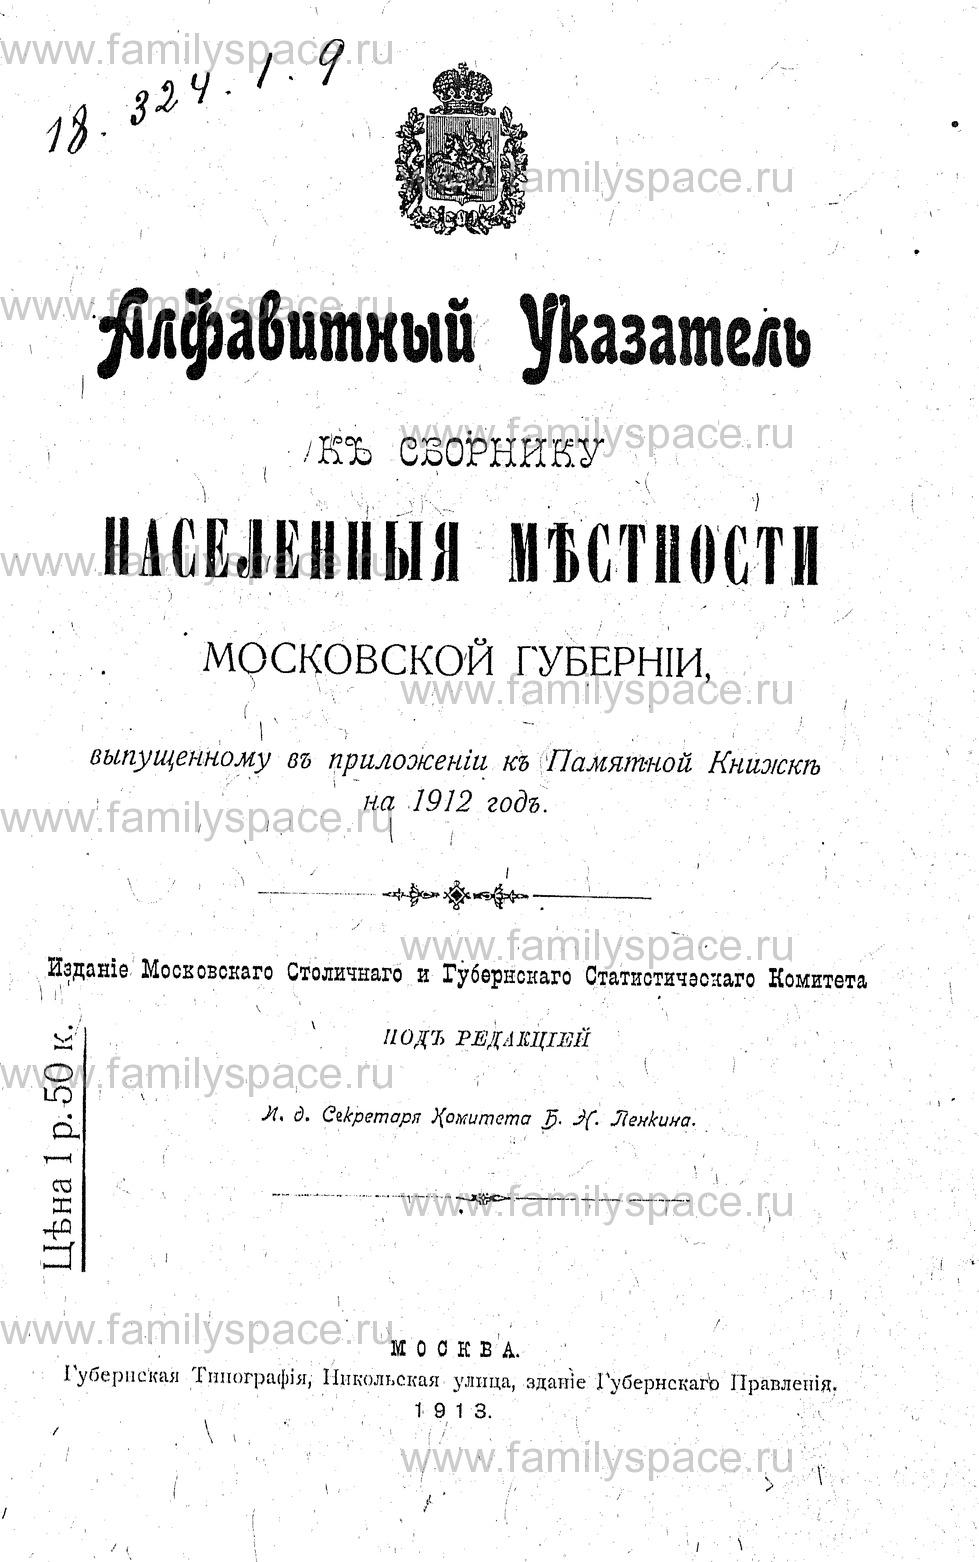 Поиск по фамилии - Алфавитный указатель к сборнику населенной местности Московской губернии, приложение на 1912 г, страница 1